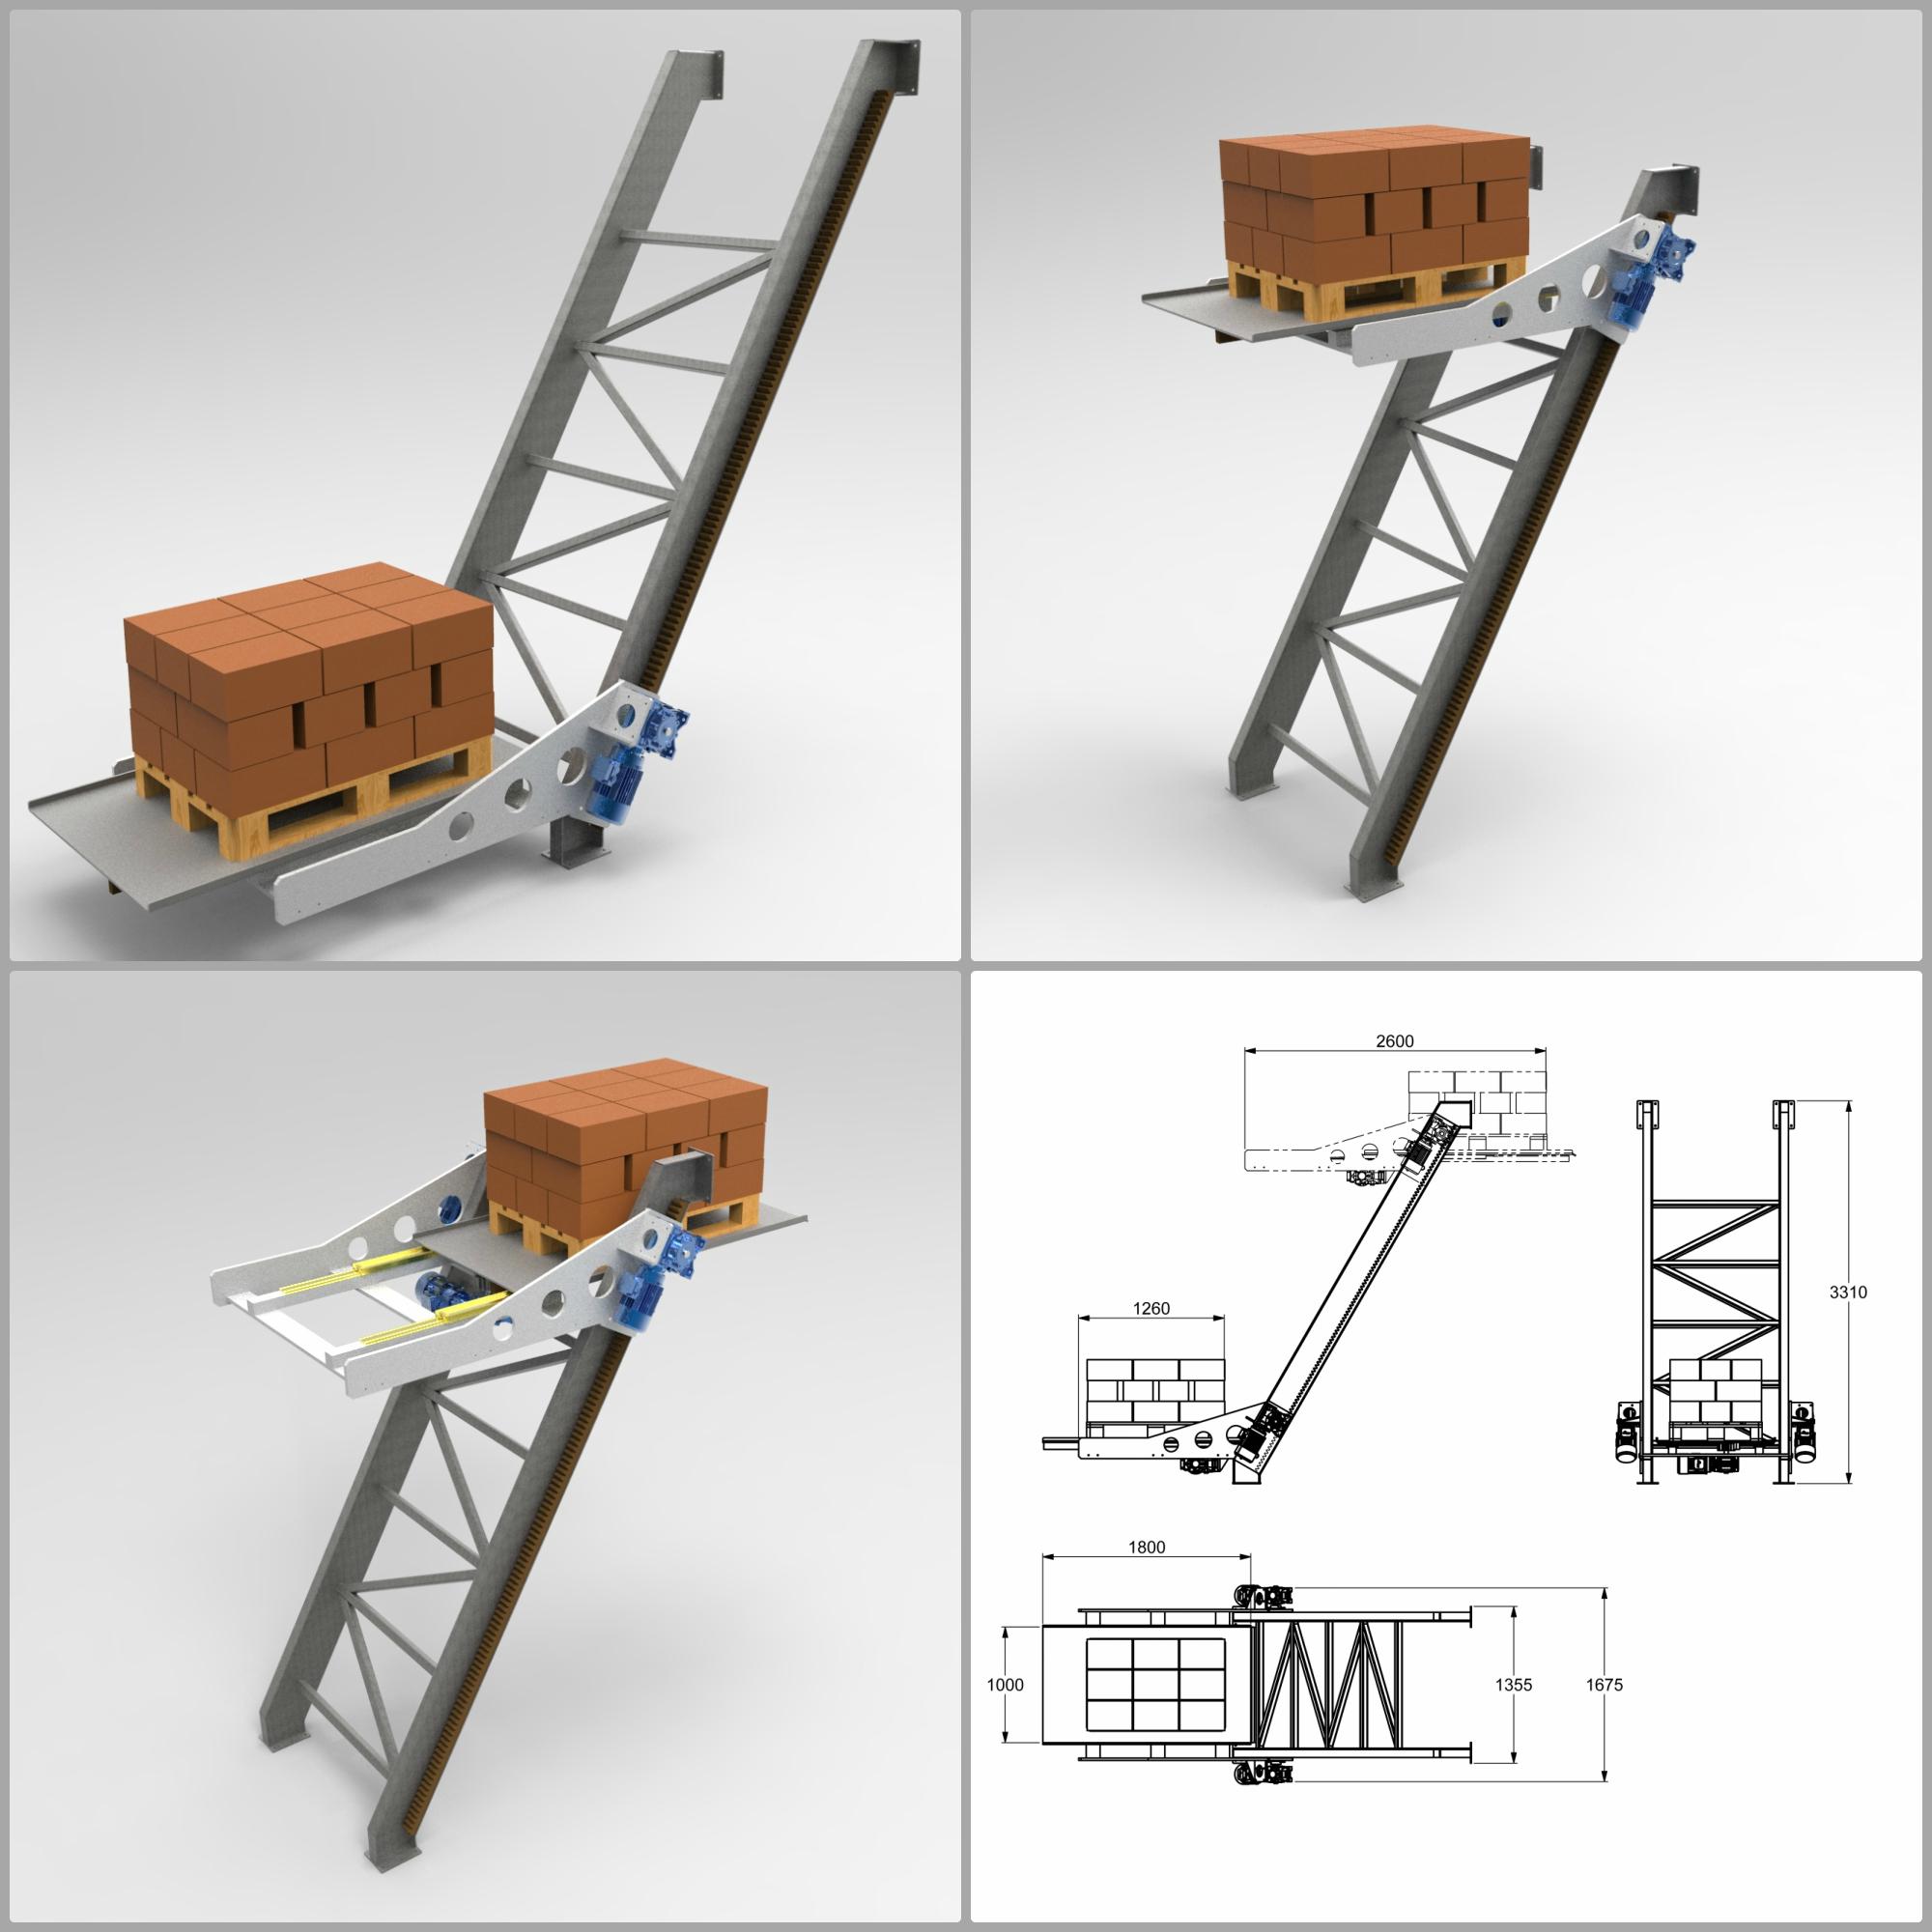 Lifting platform from floor to floor